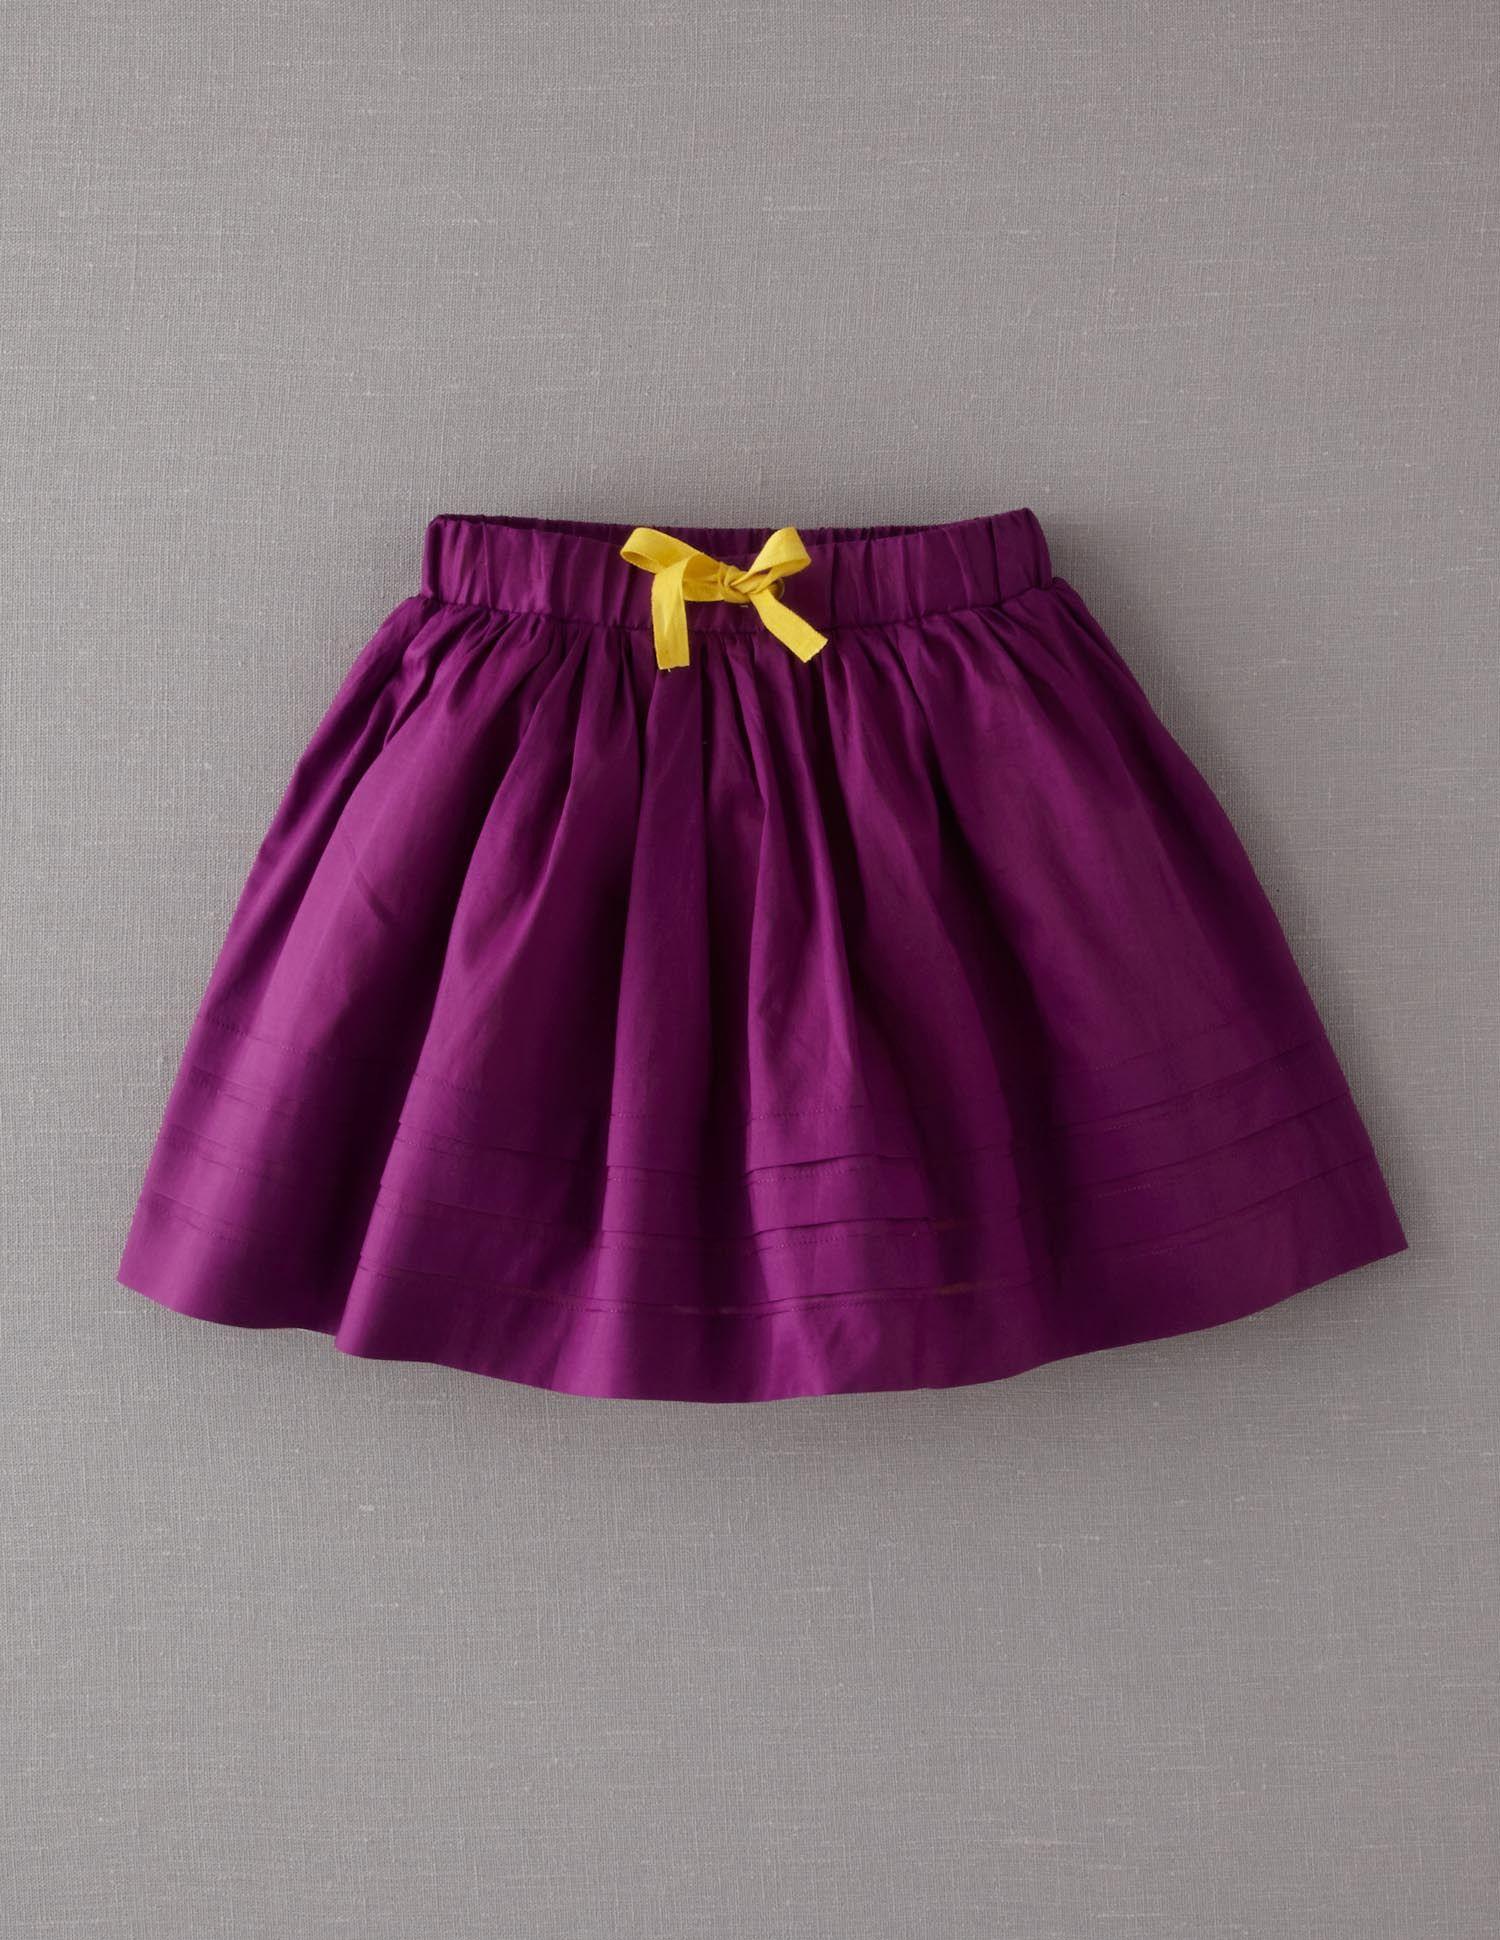 que hermosa falda | Costura | Pinterest | Falda, Hermosa y Ropa de niñas